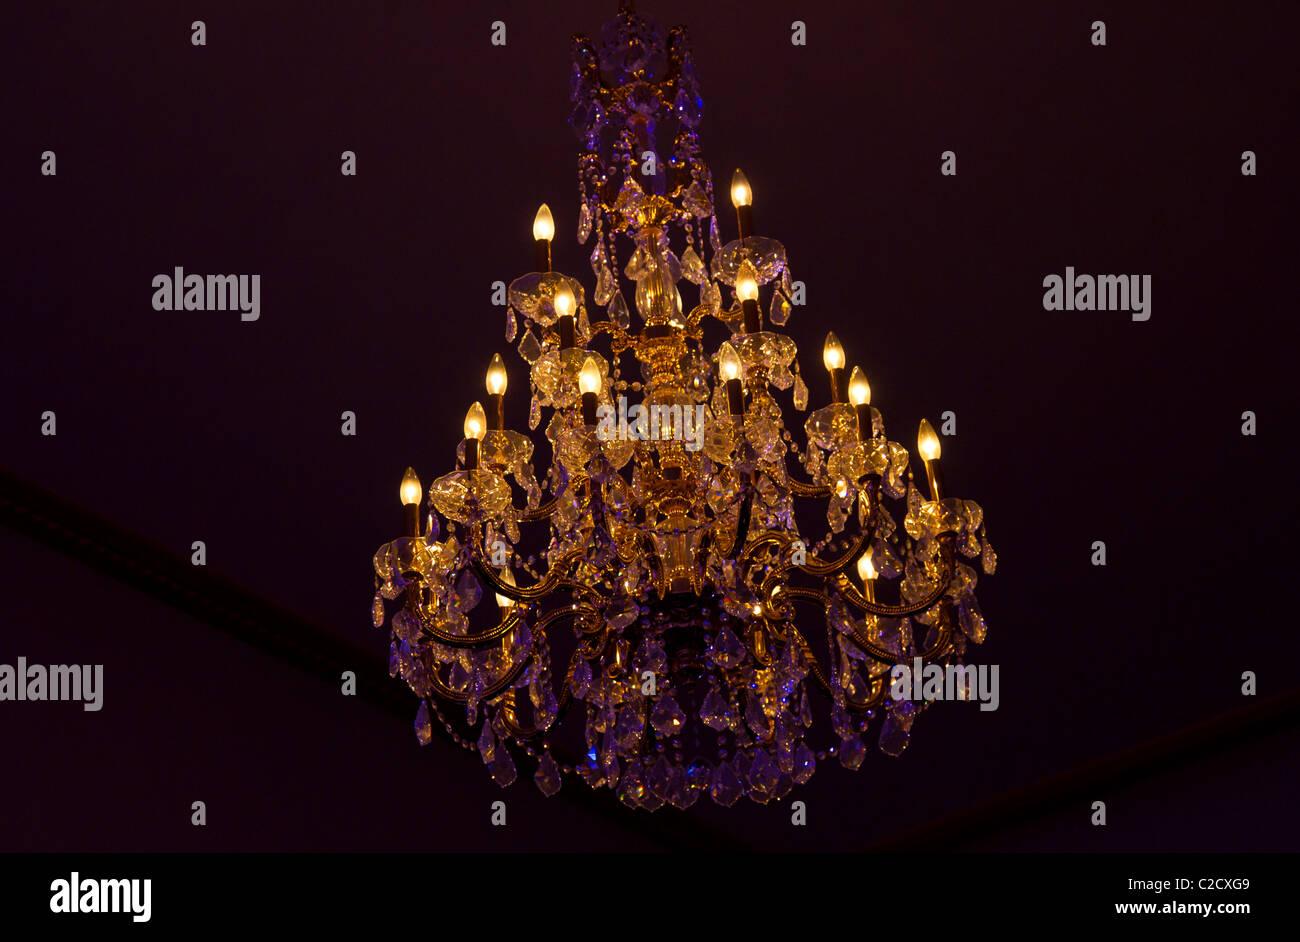 Kronleuchter Modern Glas ~ Decke kronleuchter klassische kristall dekoration dekoratives glas